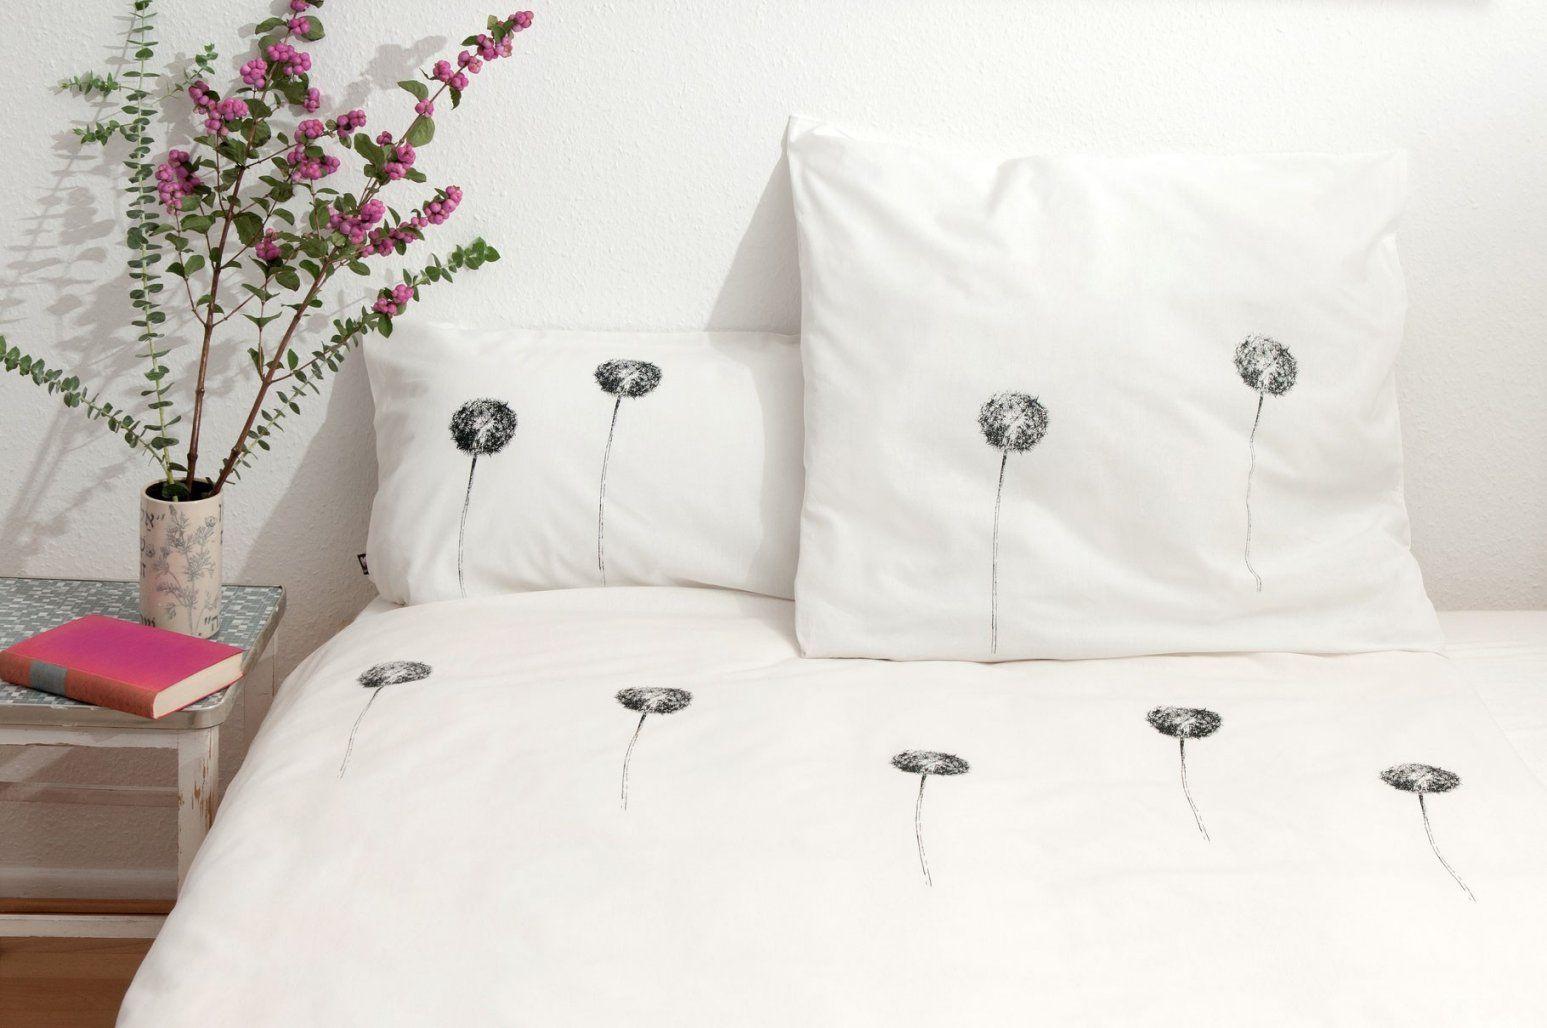 Schön Bettwäsche Selbst Gestalten Baumwolle Bettwäsche Ideen Von